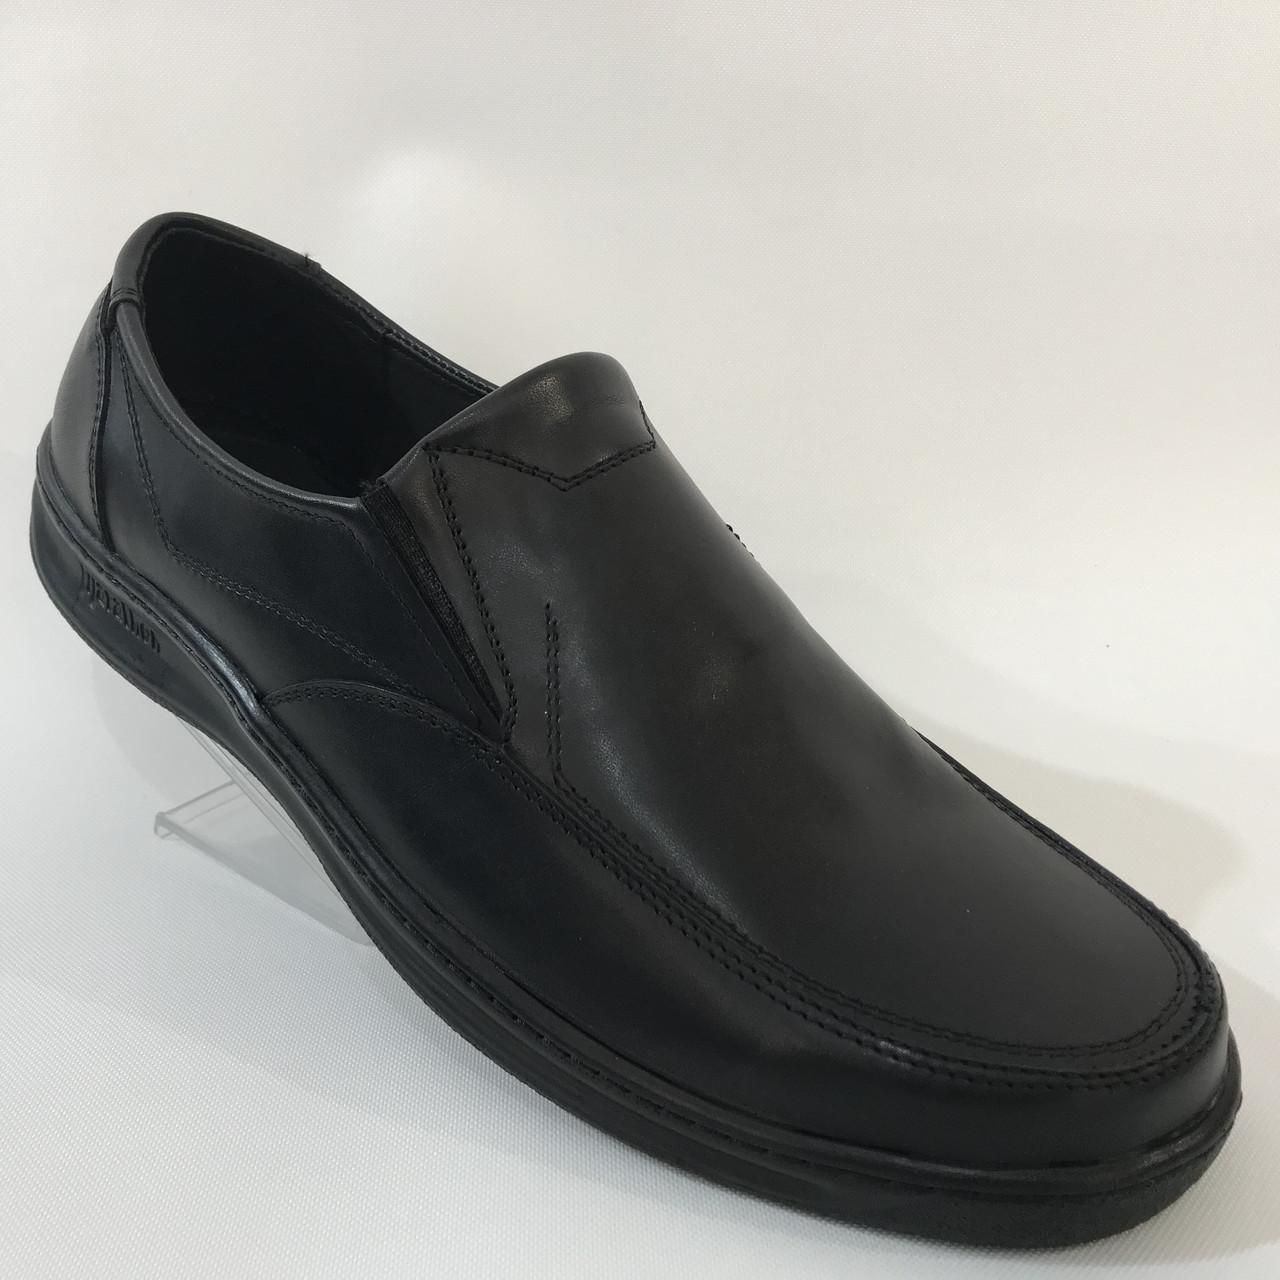 Мужские кожаные туфли большой размер,отличного качества / р.46-47